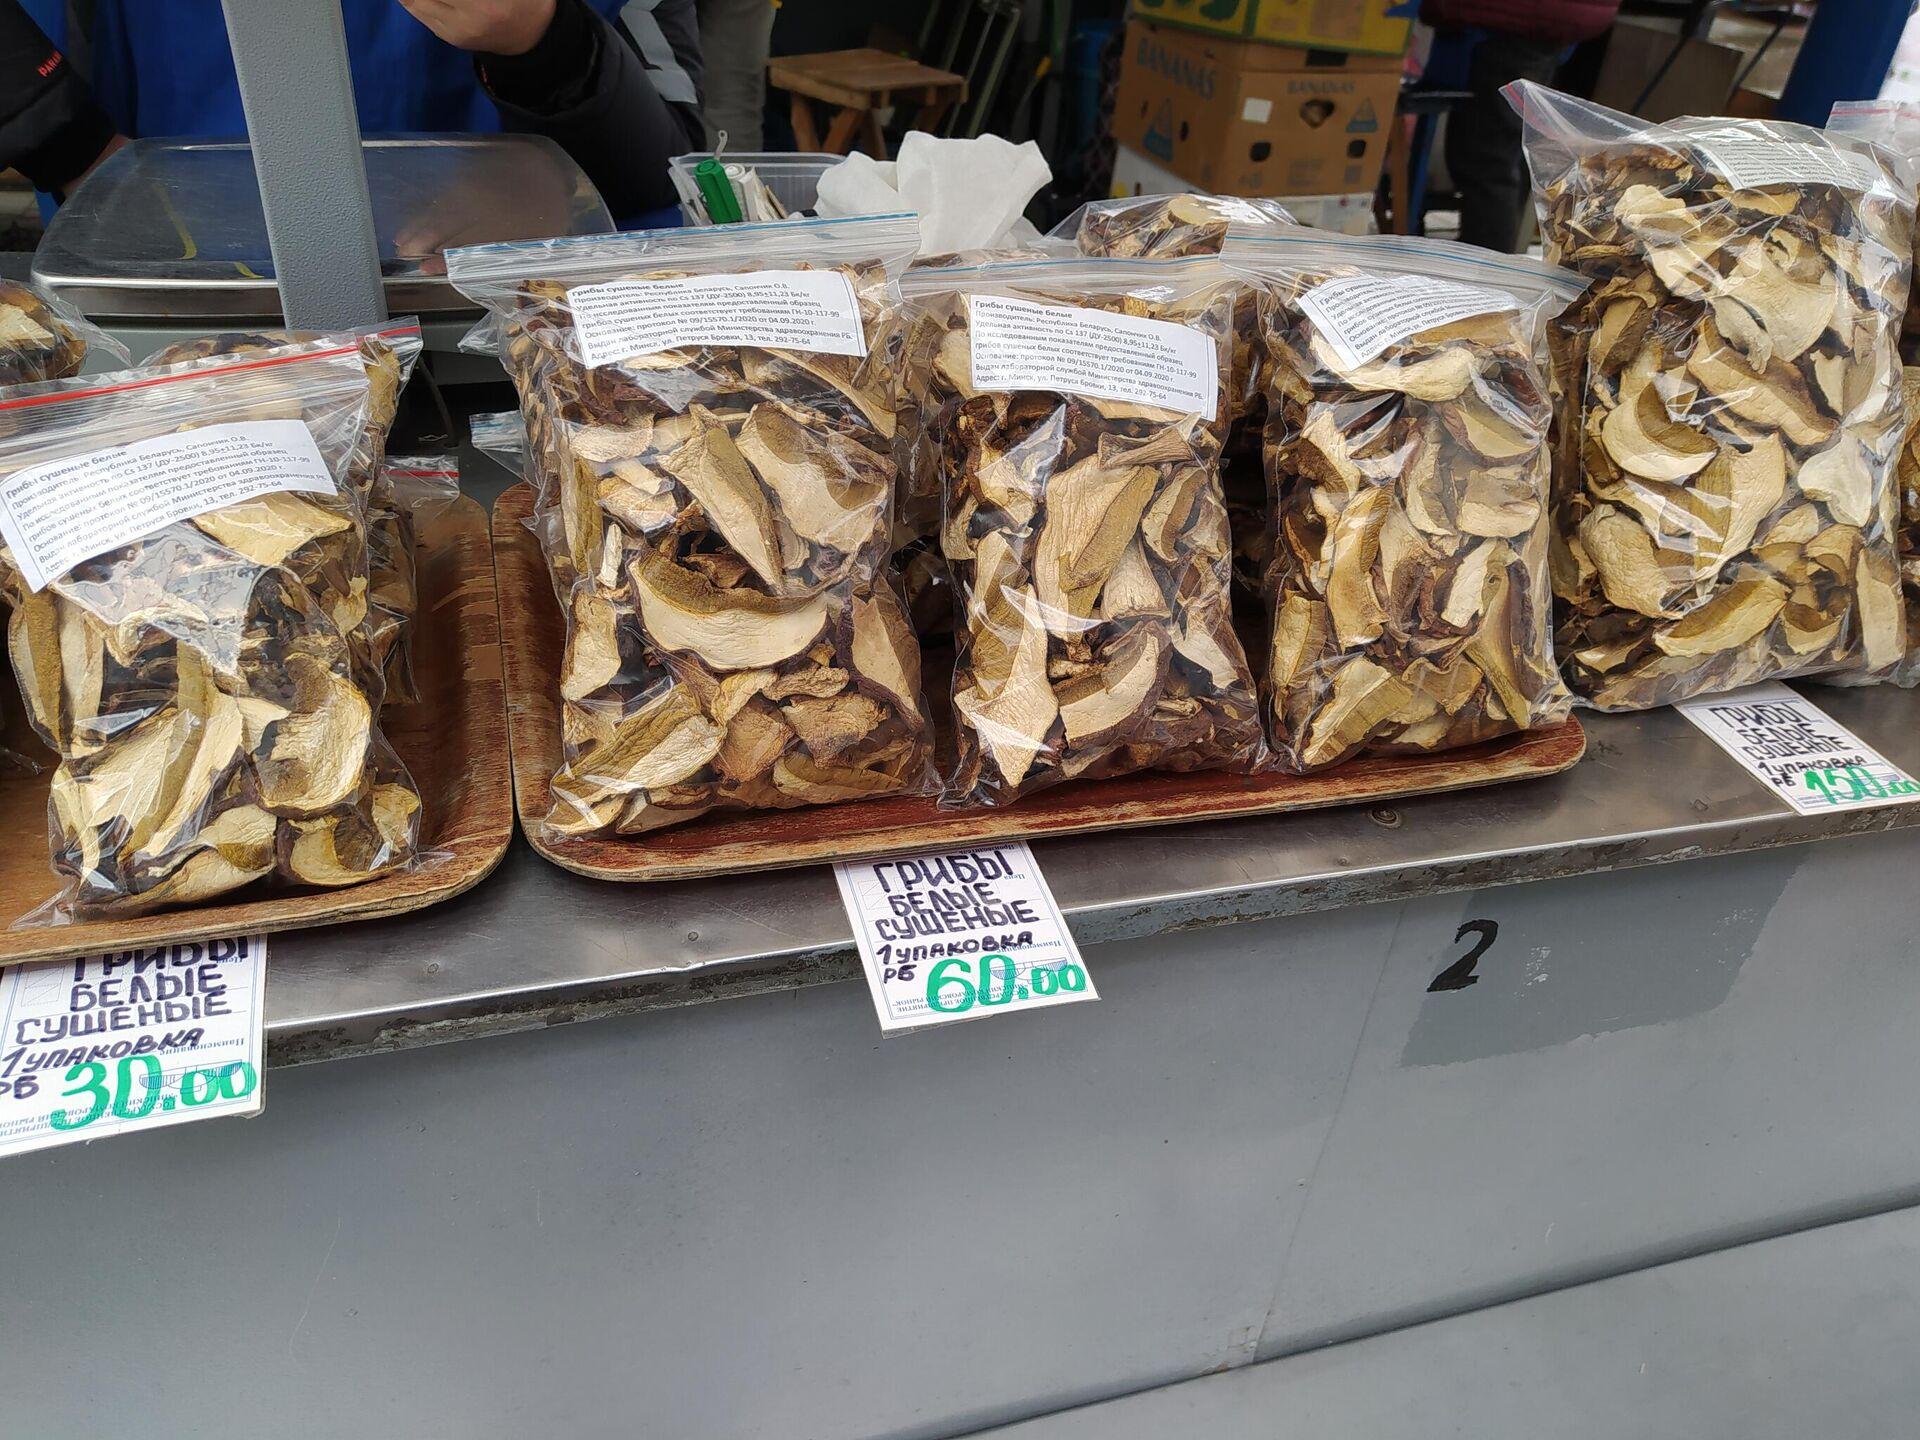 Цены на сушеные грибы кусаются: от 30 рублей за небольшой пакетик до 150 за полкило - Sputnik Беларусь, 1920, 23.09.2021